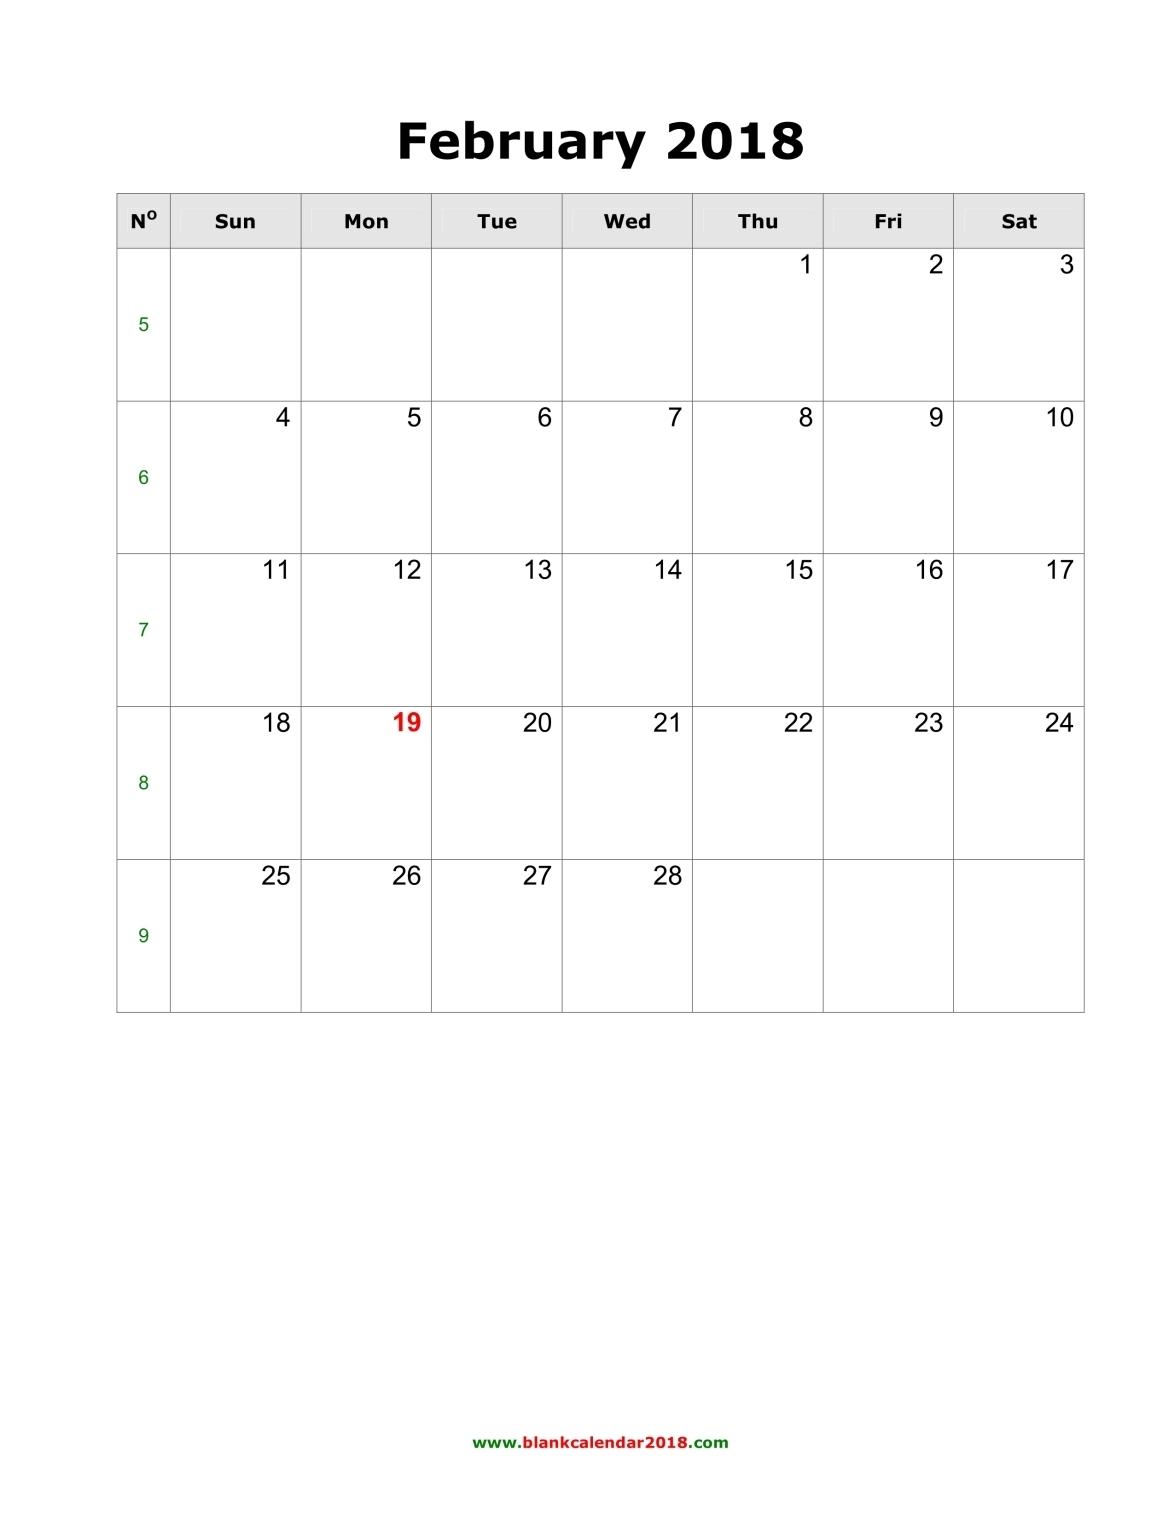 blank calendar for february 2018